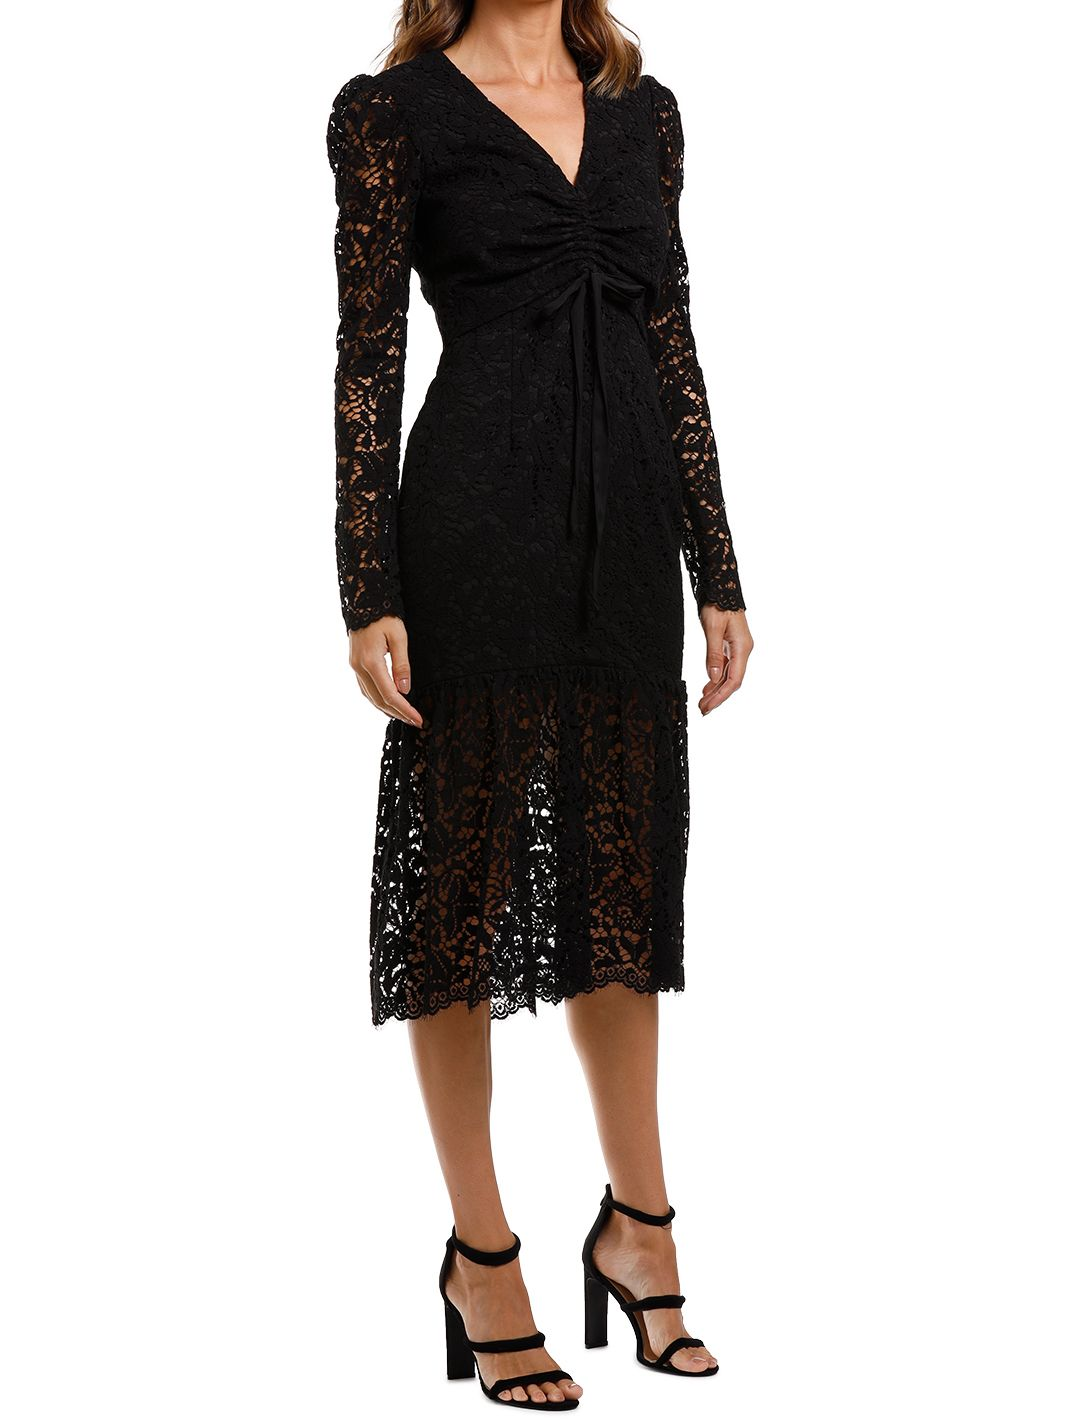 Rebecca Vallance Le Saint Ruched Dress Black Lace